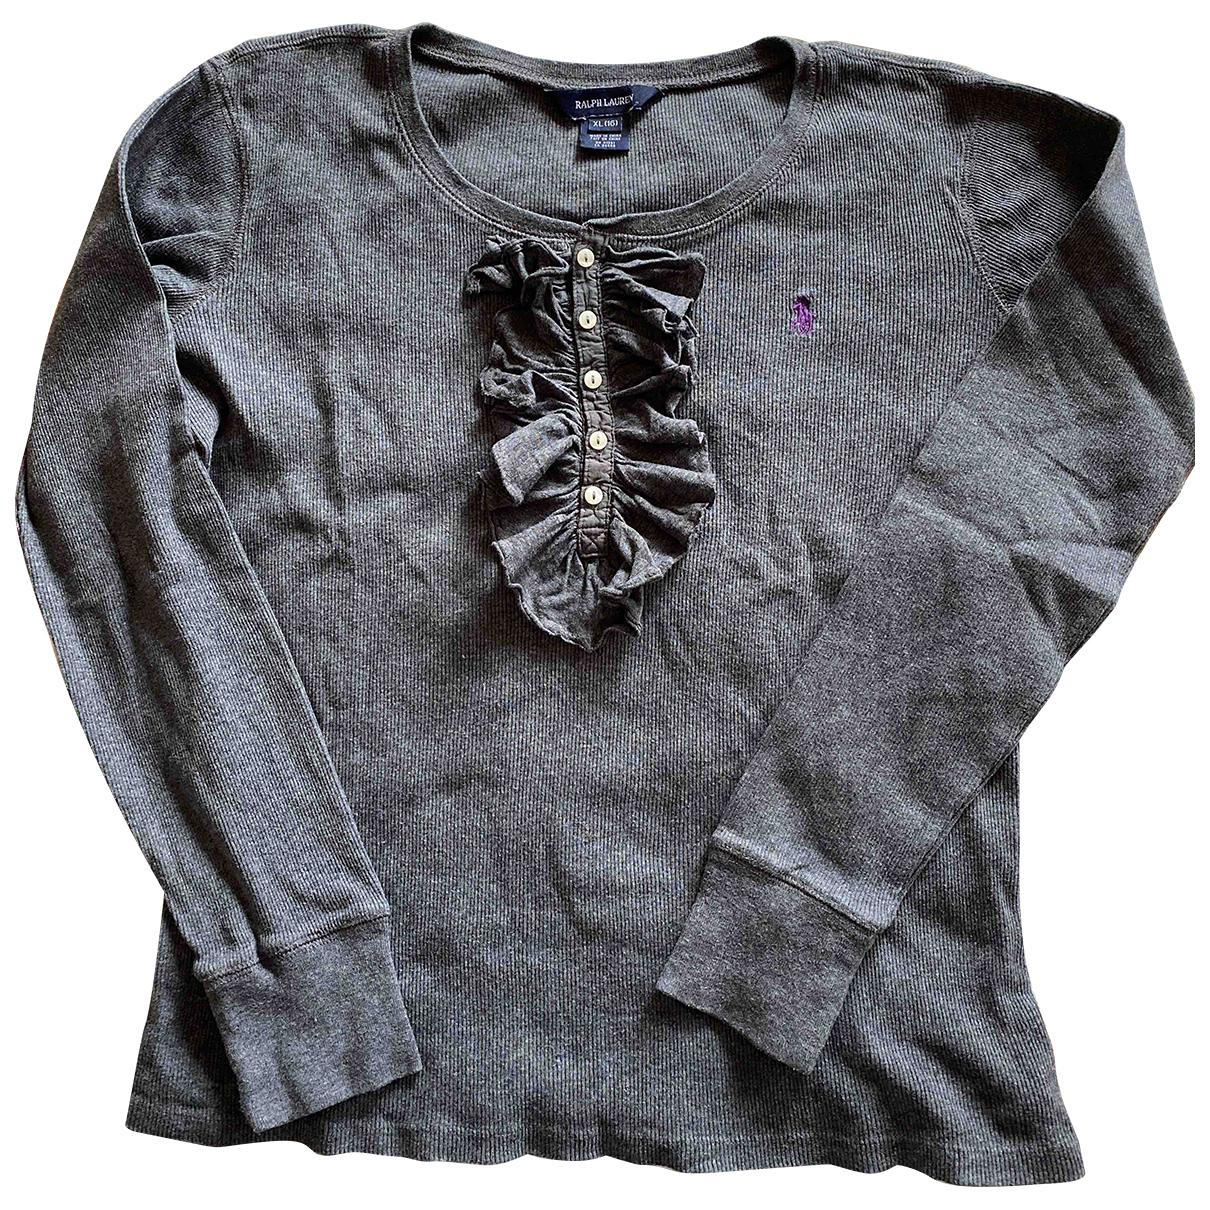 Ralph Lauren - Top   pour enfant en coton - gris